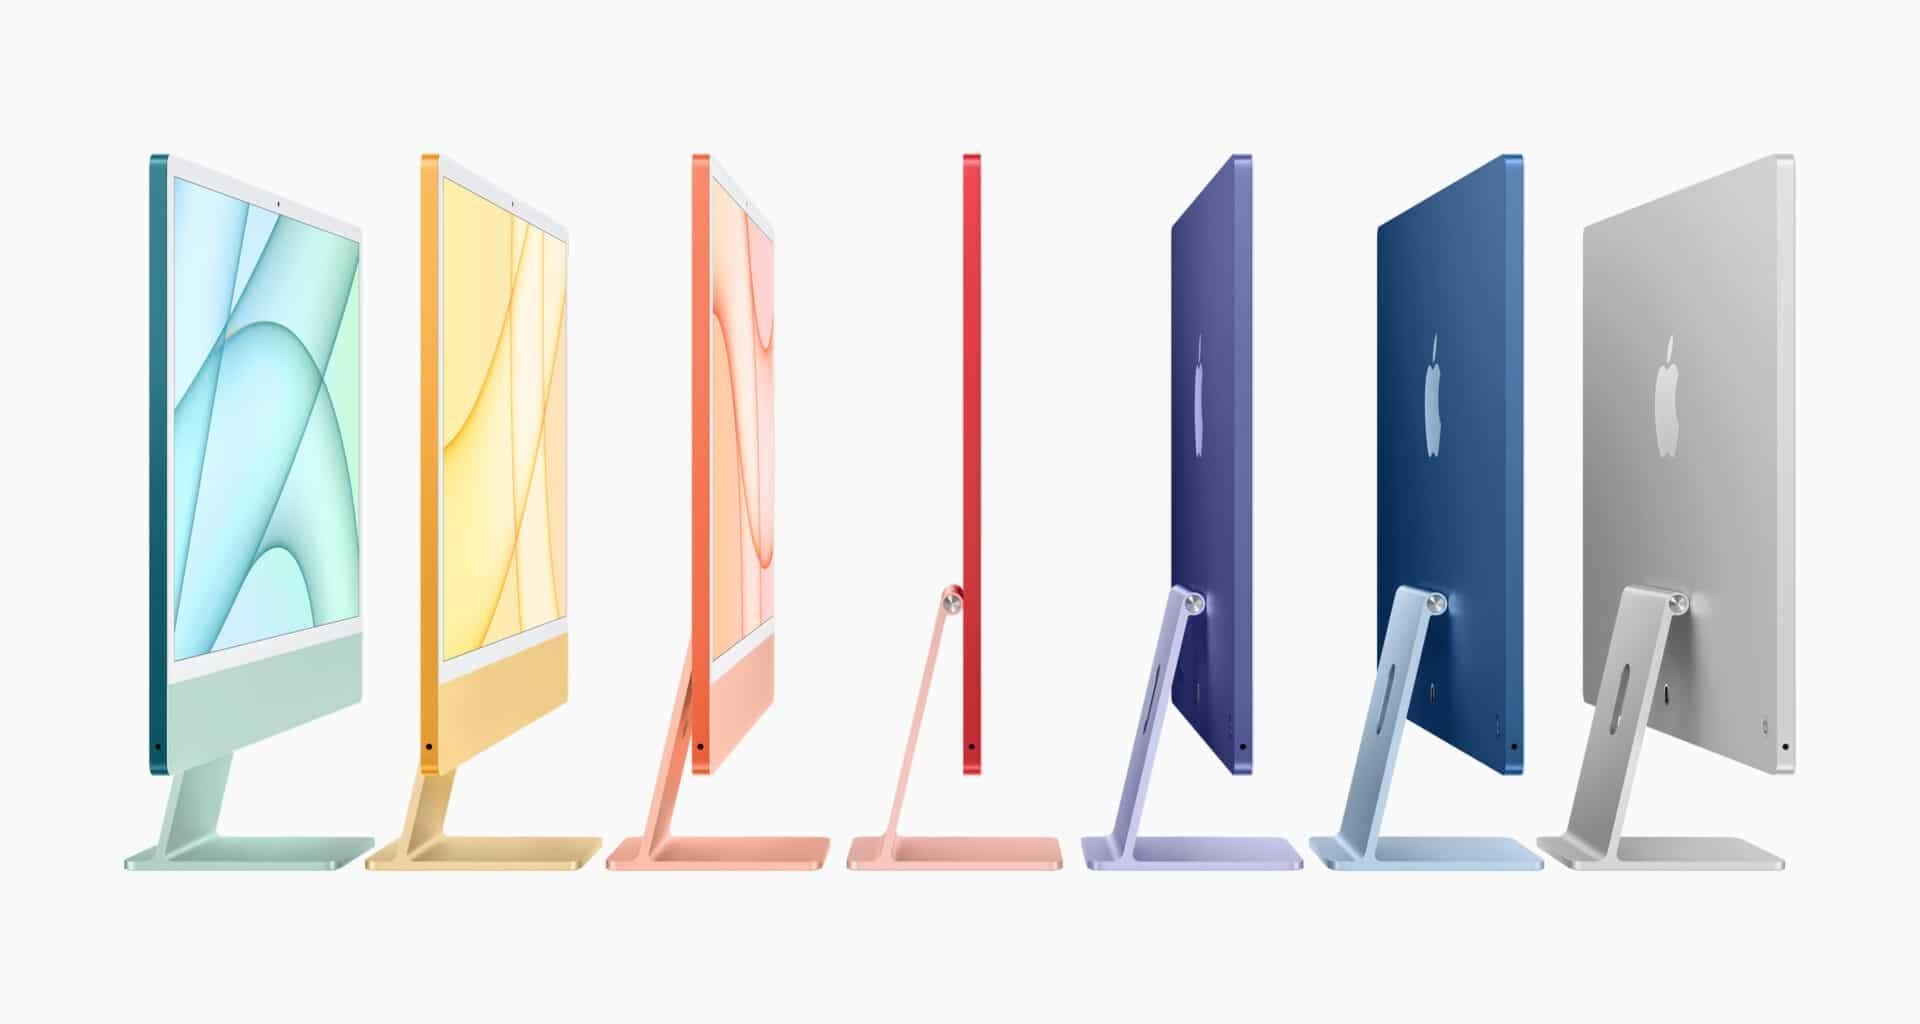 Família de novos iMacs de 24 polegadas com chip M1 coloridos de lado